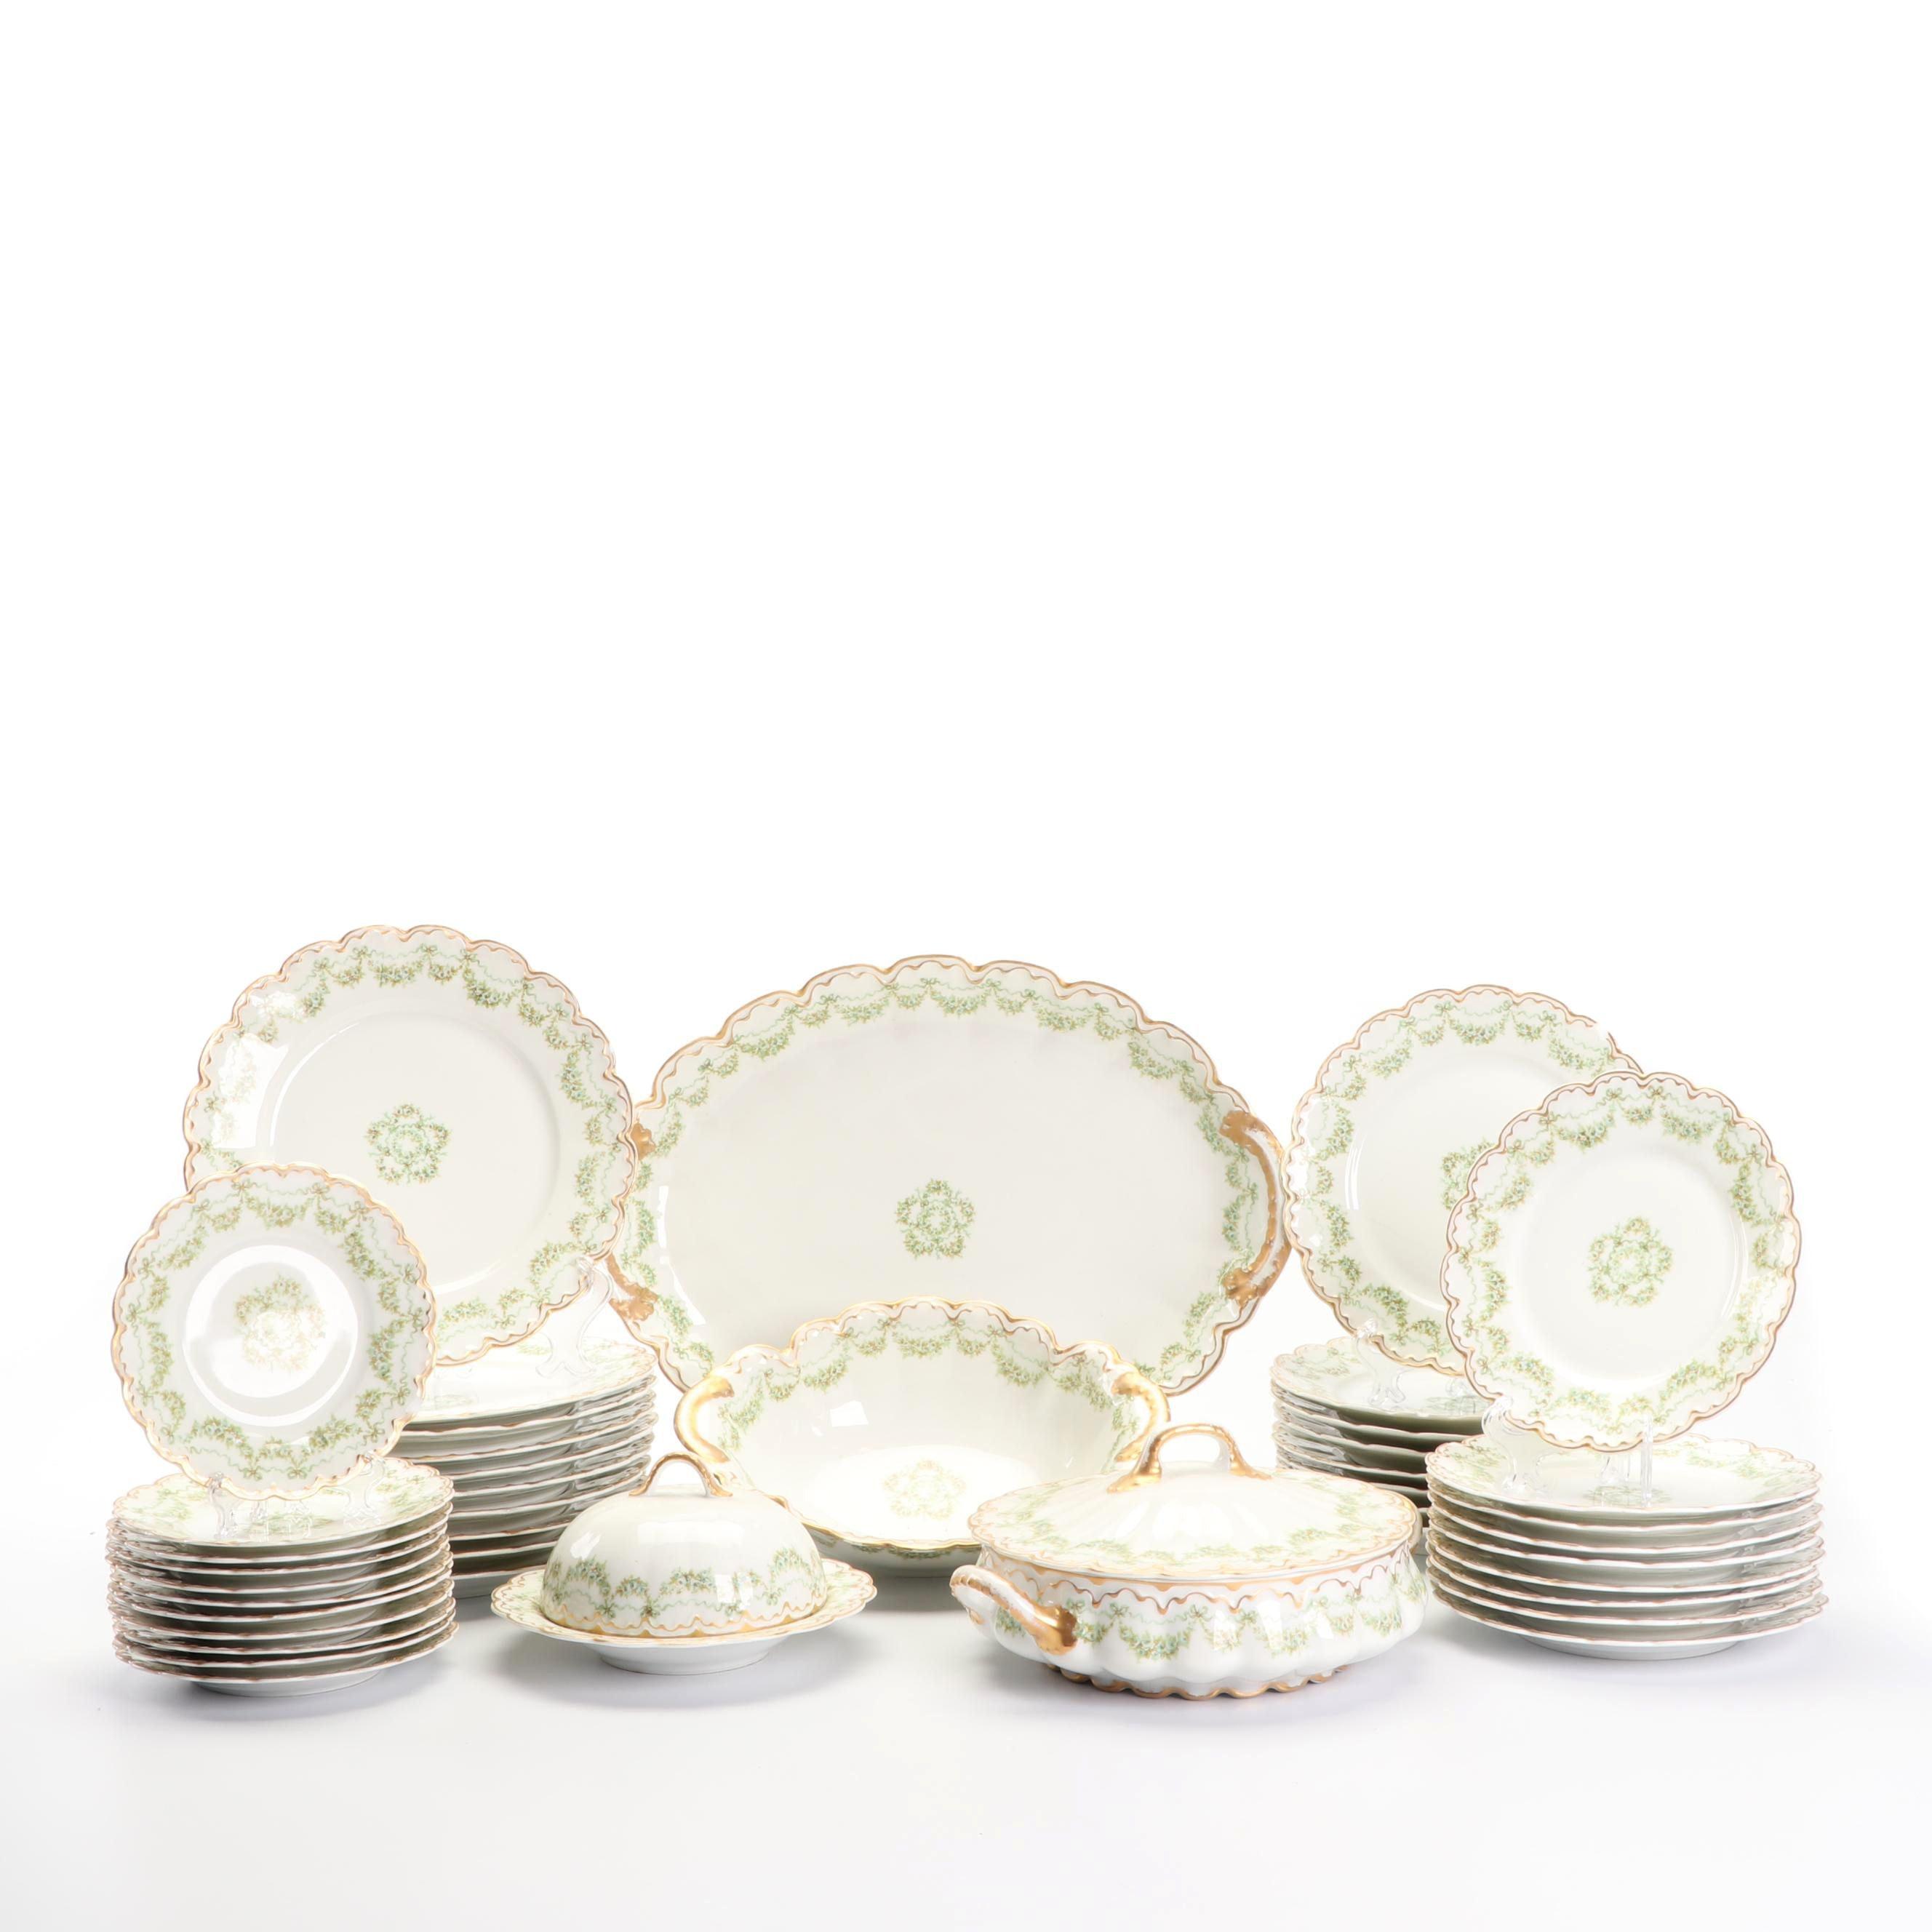 Haviland Limoges Porcelain Dinnerware